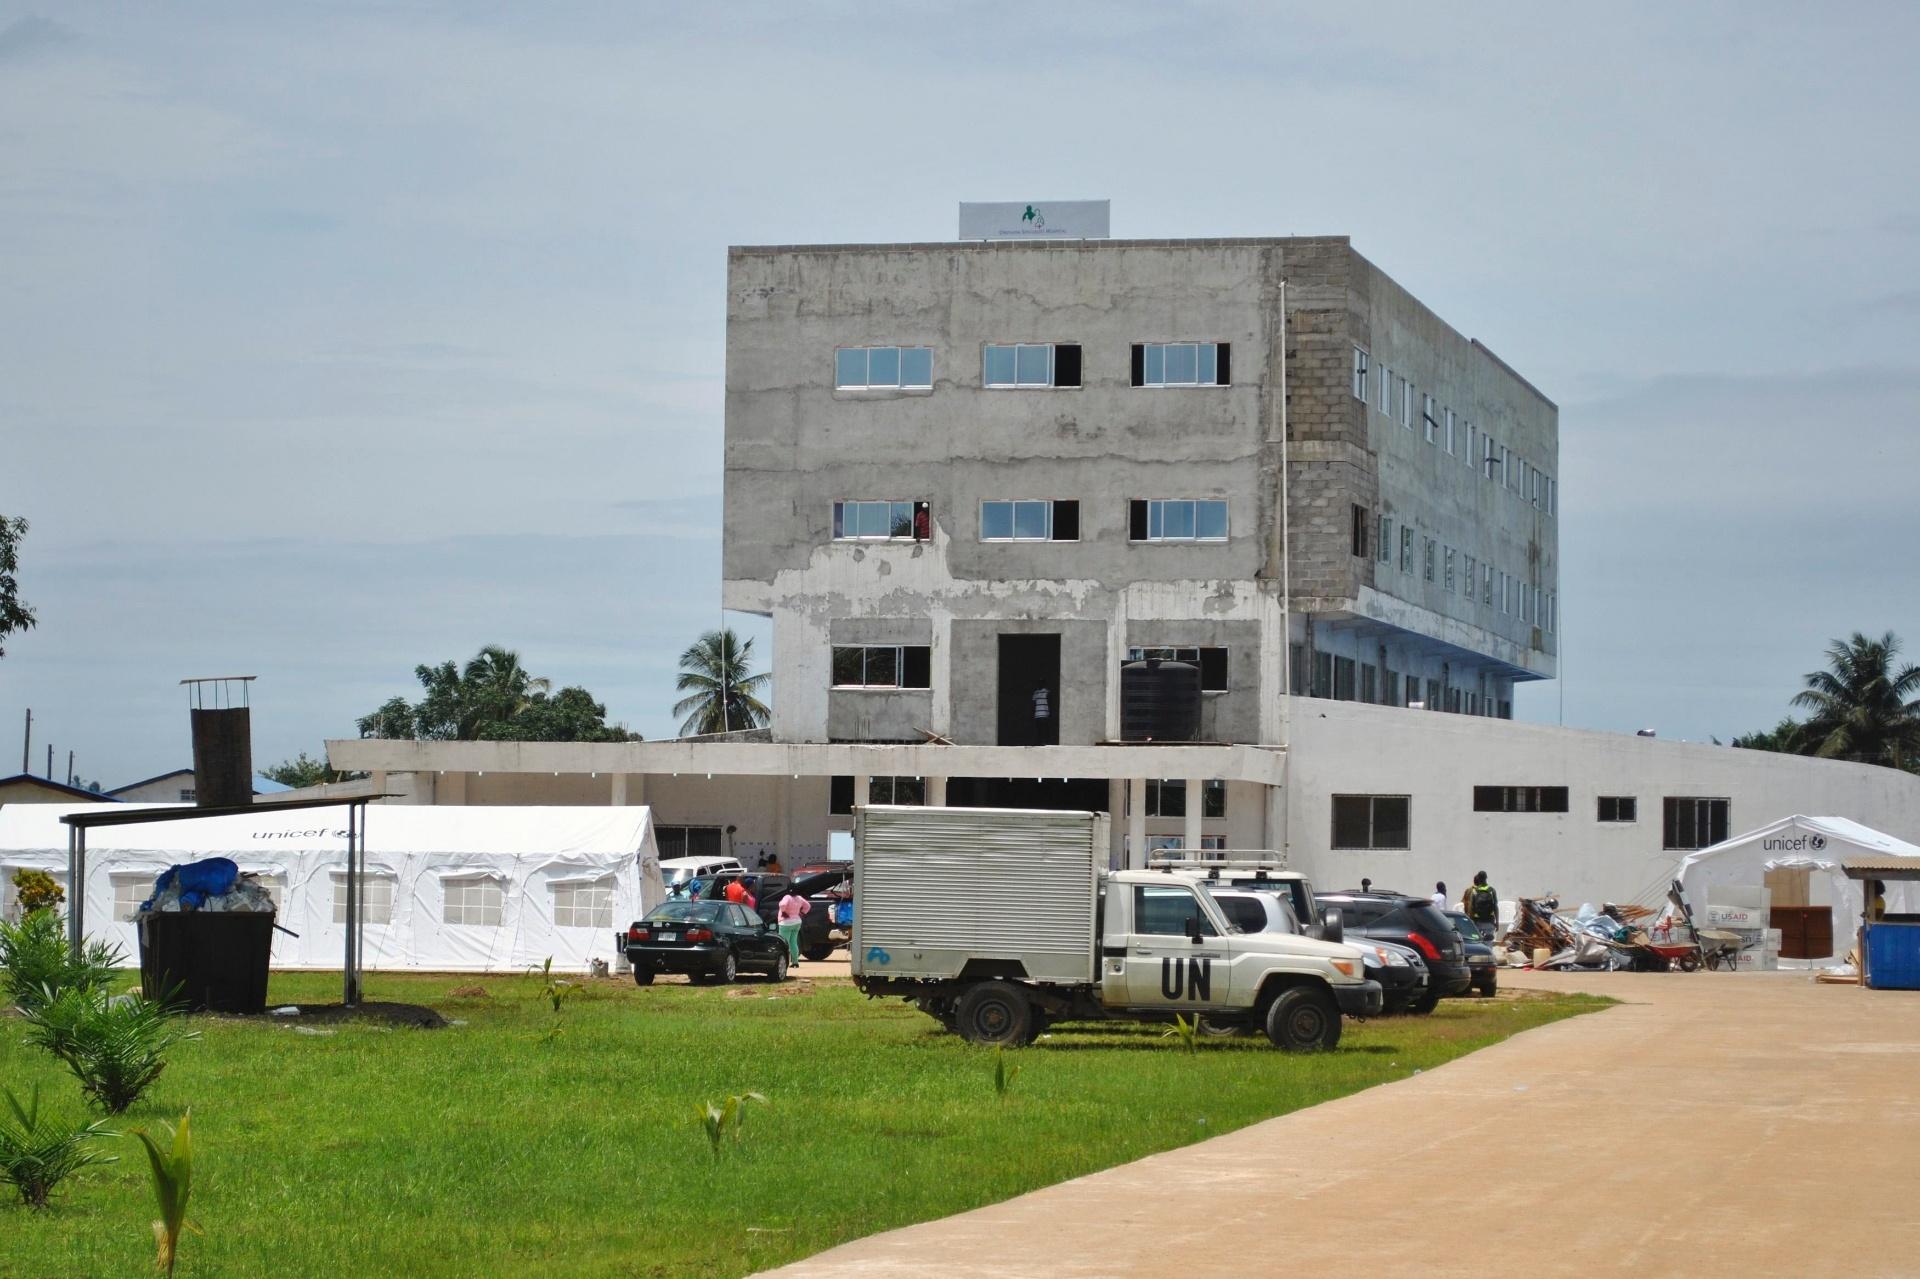 21.set.2014 - Na tentativa de acabar com a transmissão do vírus ebola, centro de tratamento é construído em Monrovia, na Libéria. Segundo os últimos dados da OMS (Organização Mundial da Saúde), a doença já matou 2.461 pessoas e afetou quase 5.000 na África